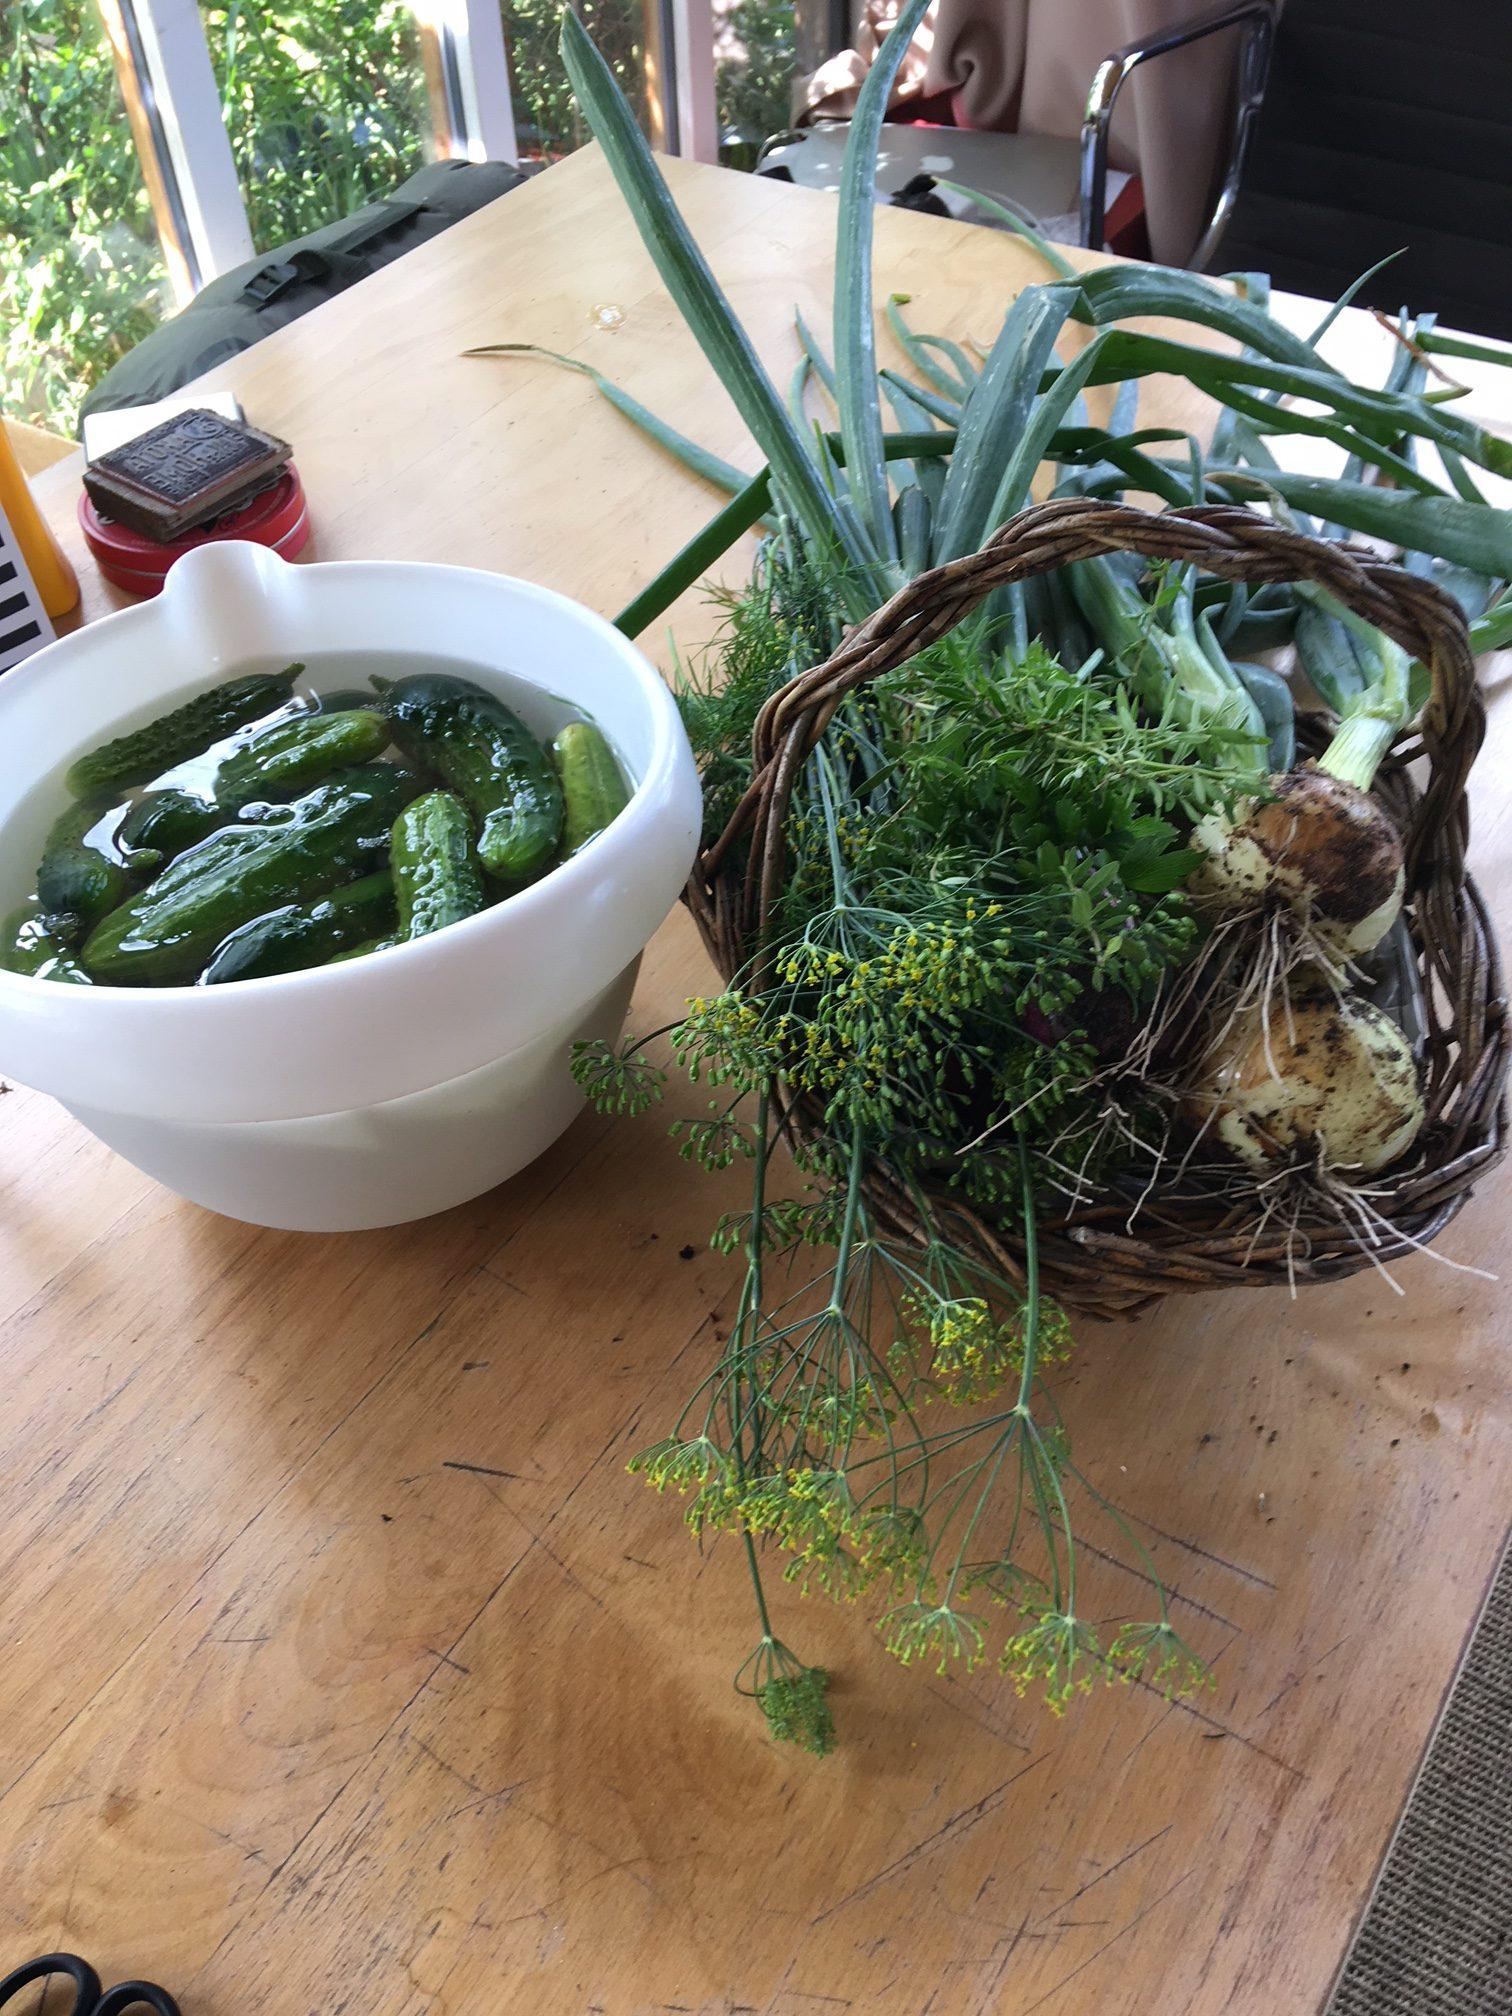 Dakota Home - Gurkentopf ansetzten mit Zeugs aus dem Garten